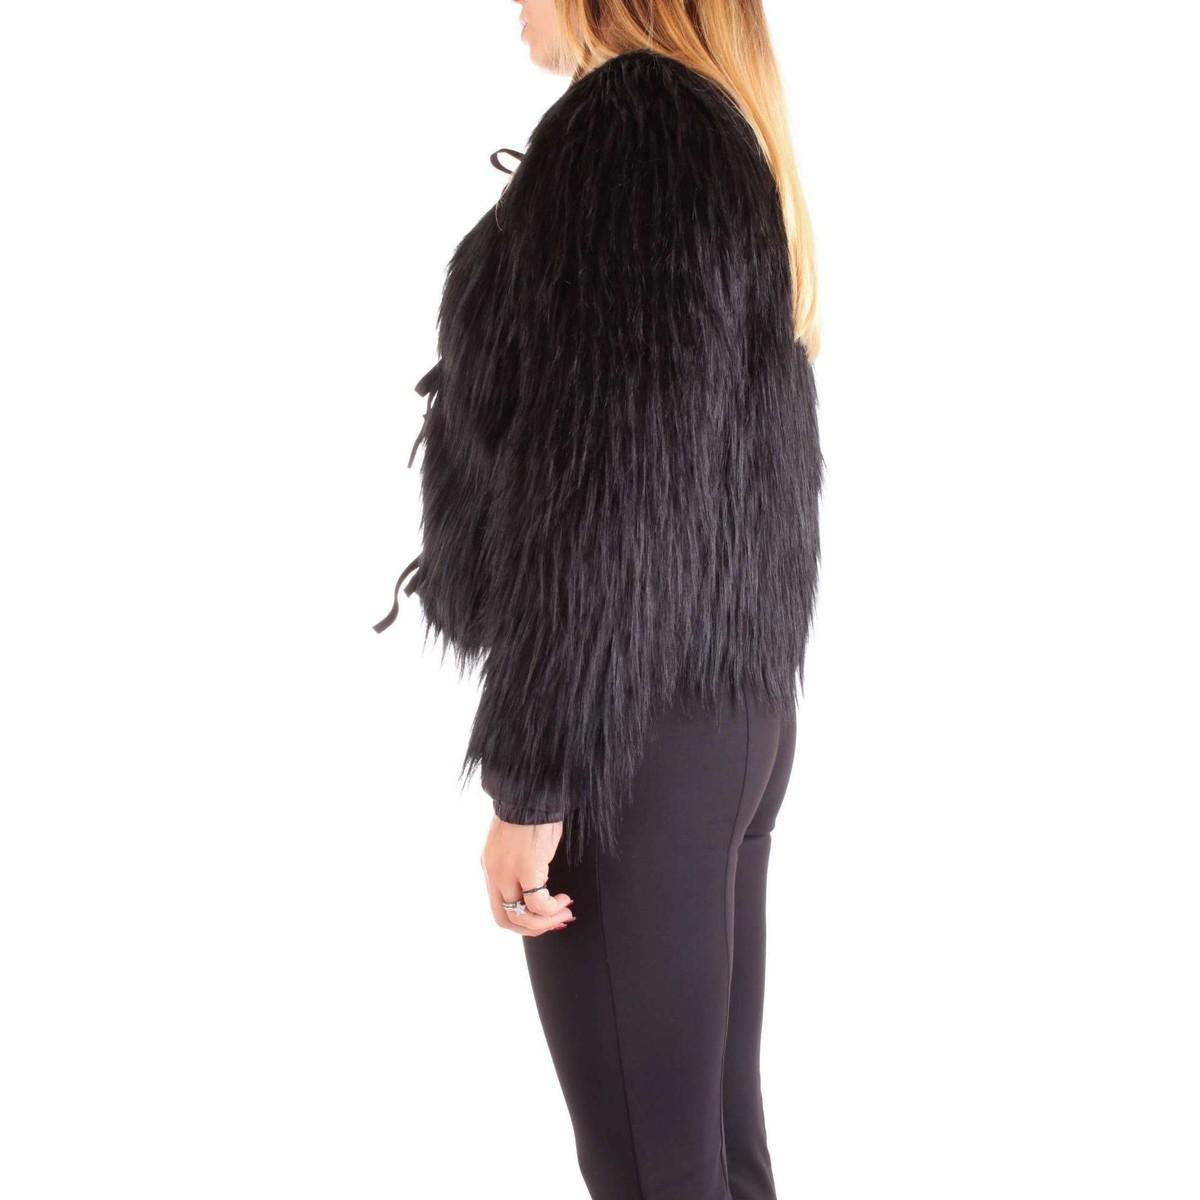 2L0804/A4G9 Fourrure femme NOIR femmes Manteau en Noir Patrizia Pepe en coloris Noir x9Il3